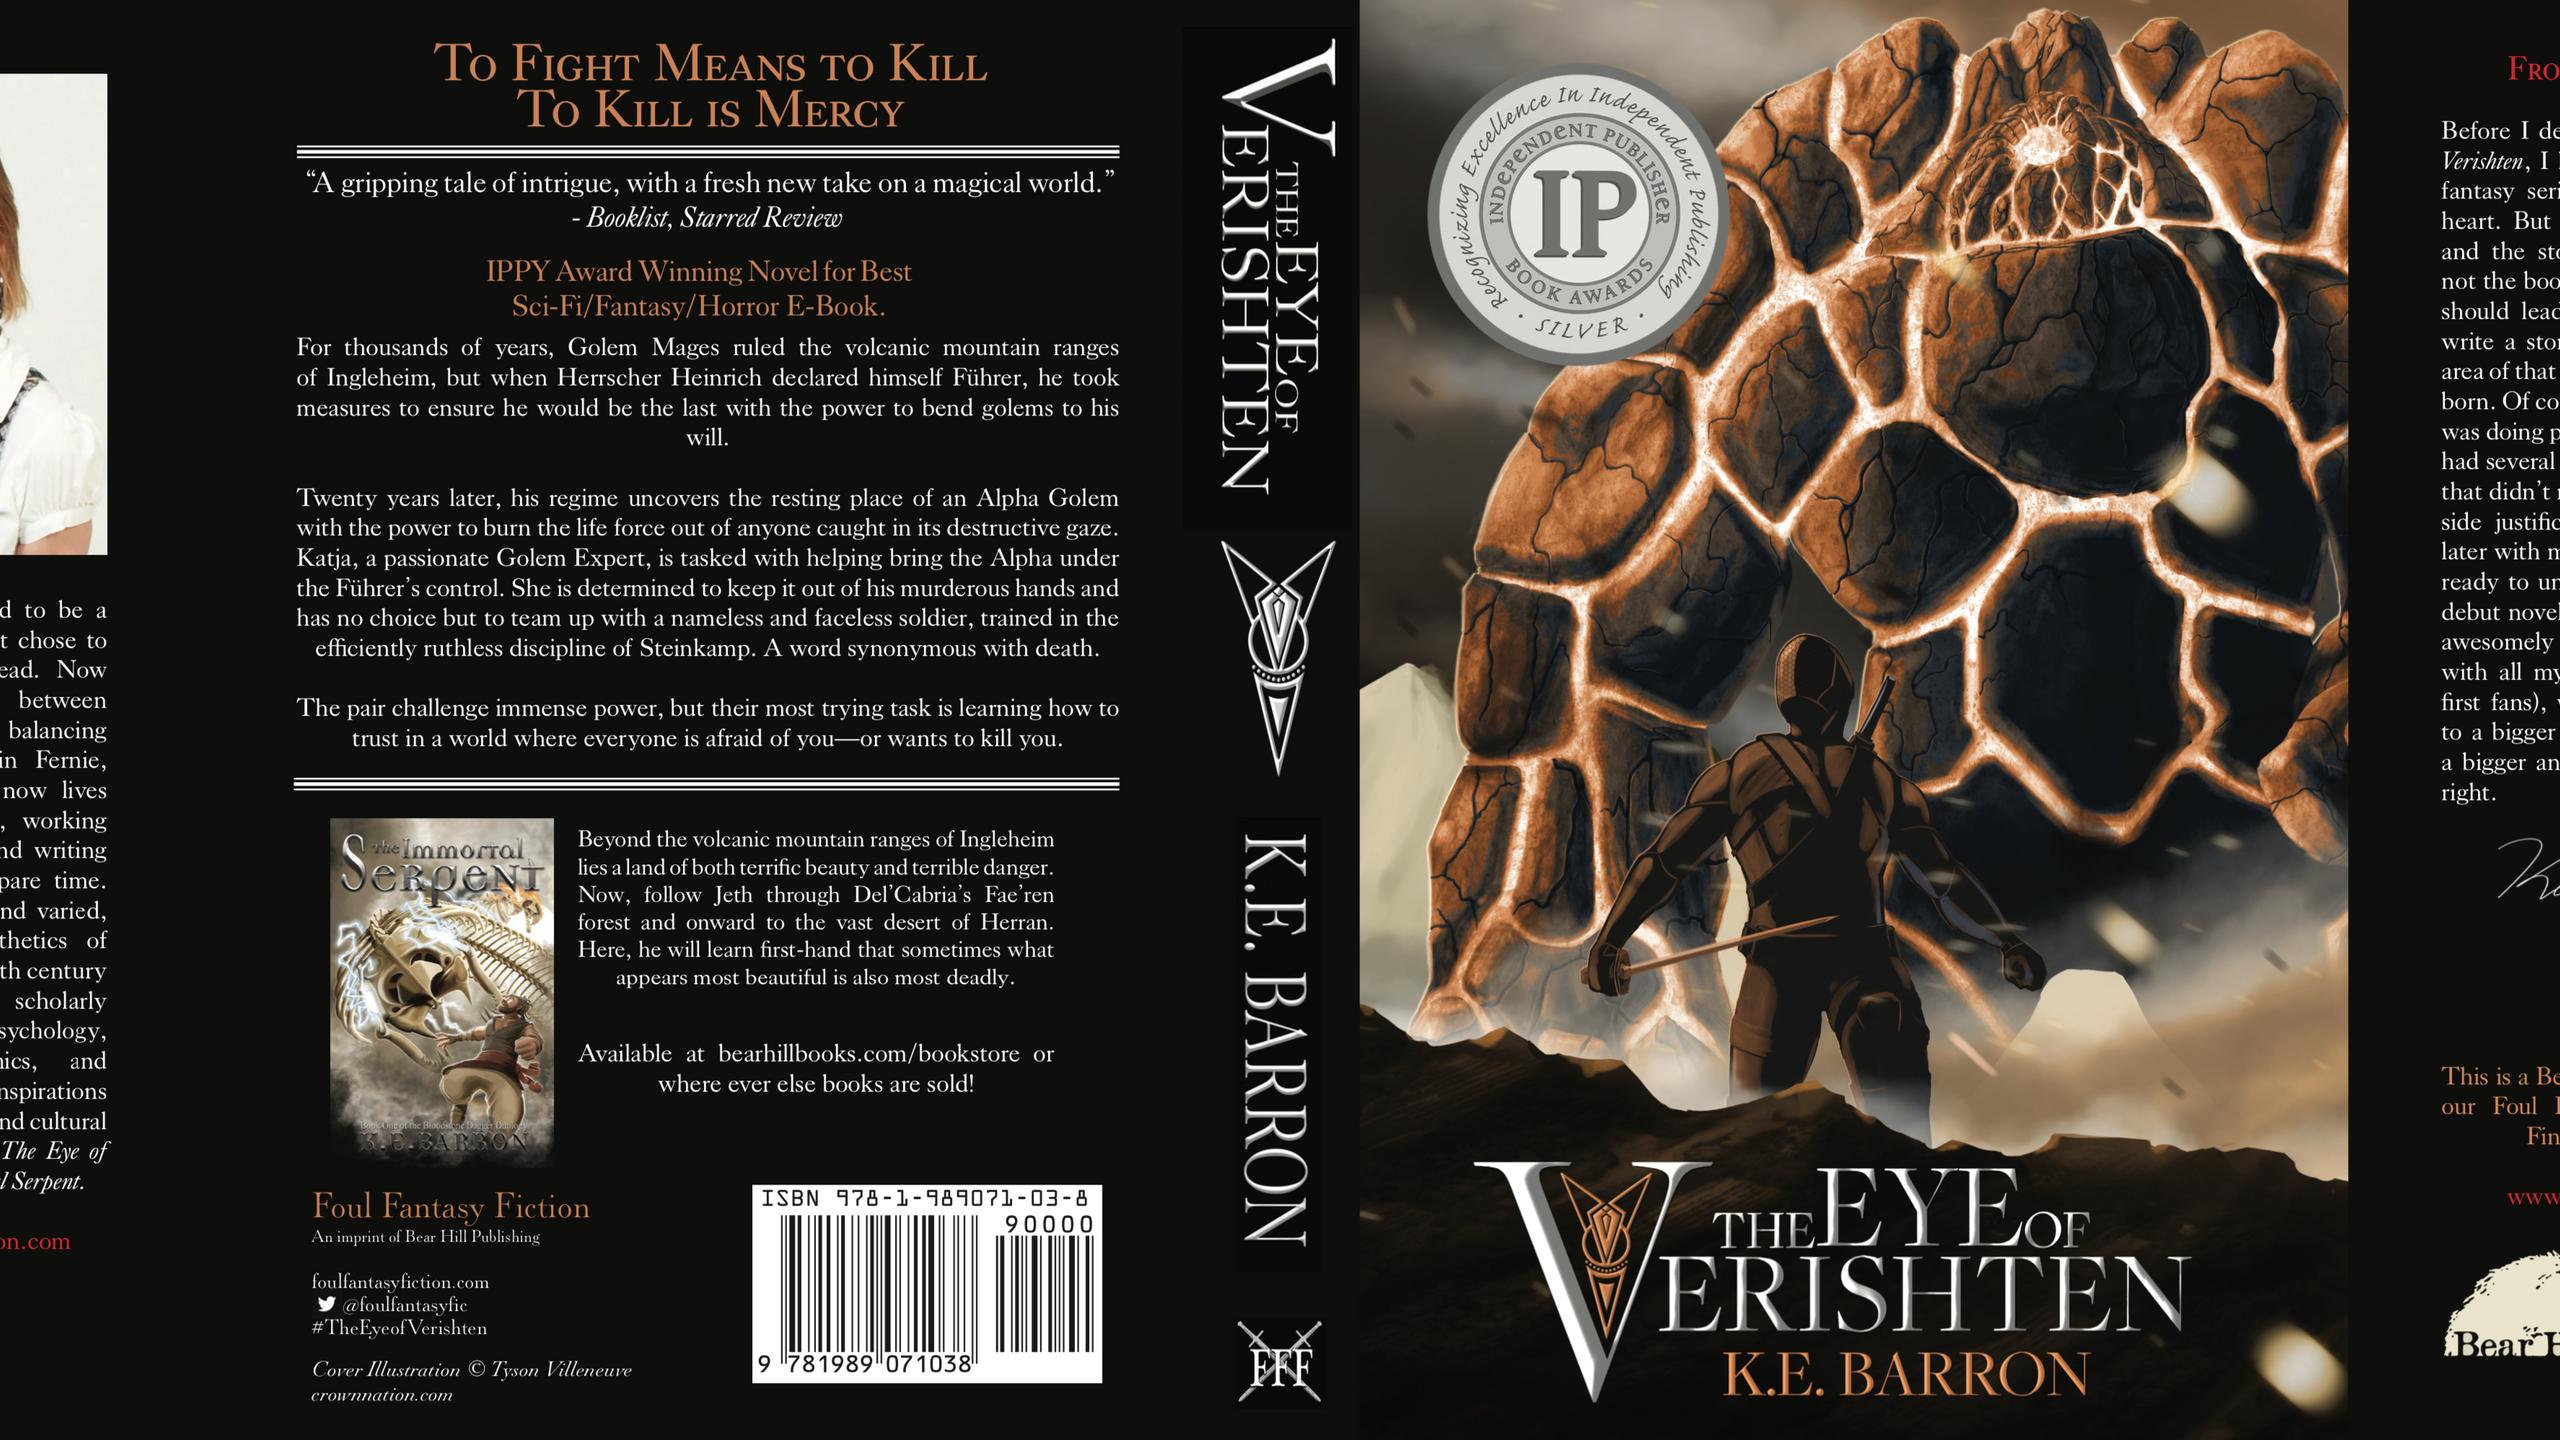 Cover art by Tyson Villeneuve